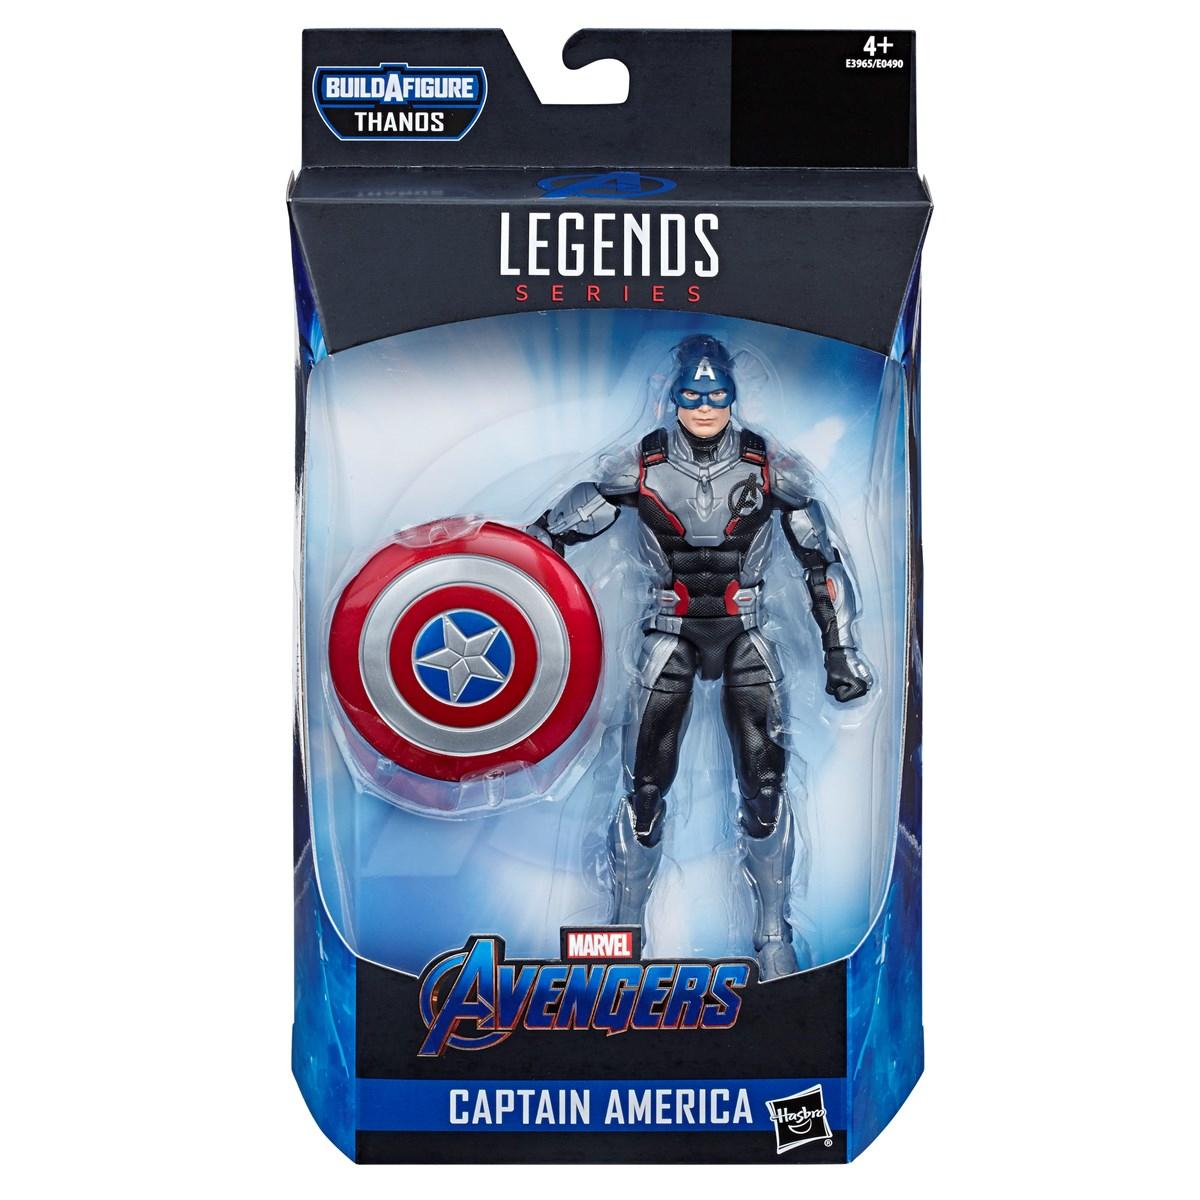 Marvel Legends Avengers Endgame Captain America 6 inch figure (£7.99) £10.94 delivered @ Zoom.co.uk